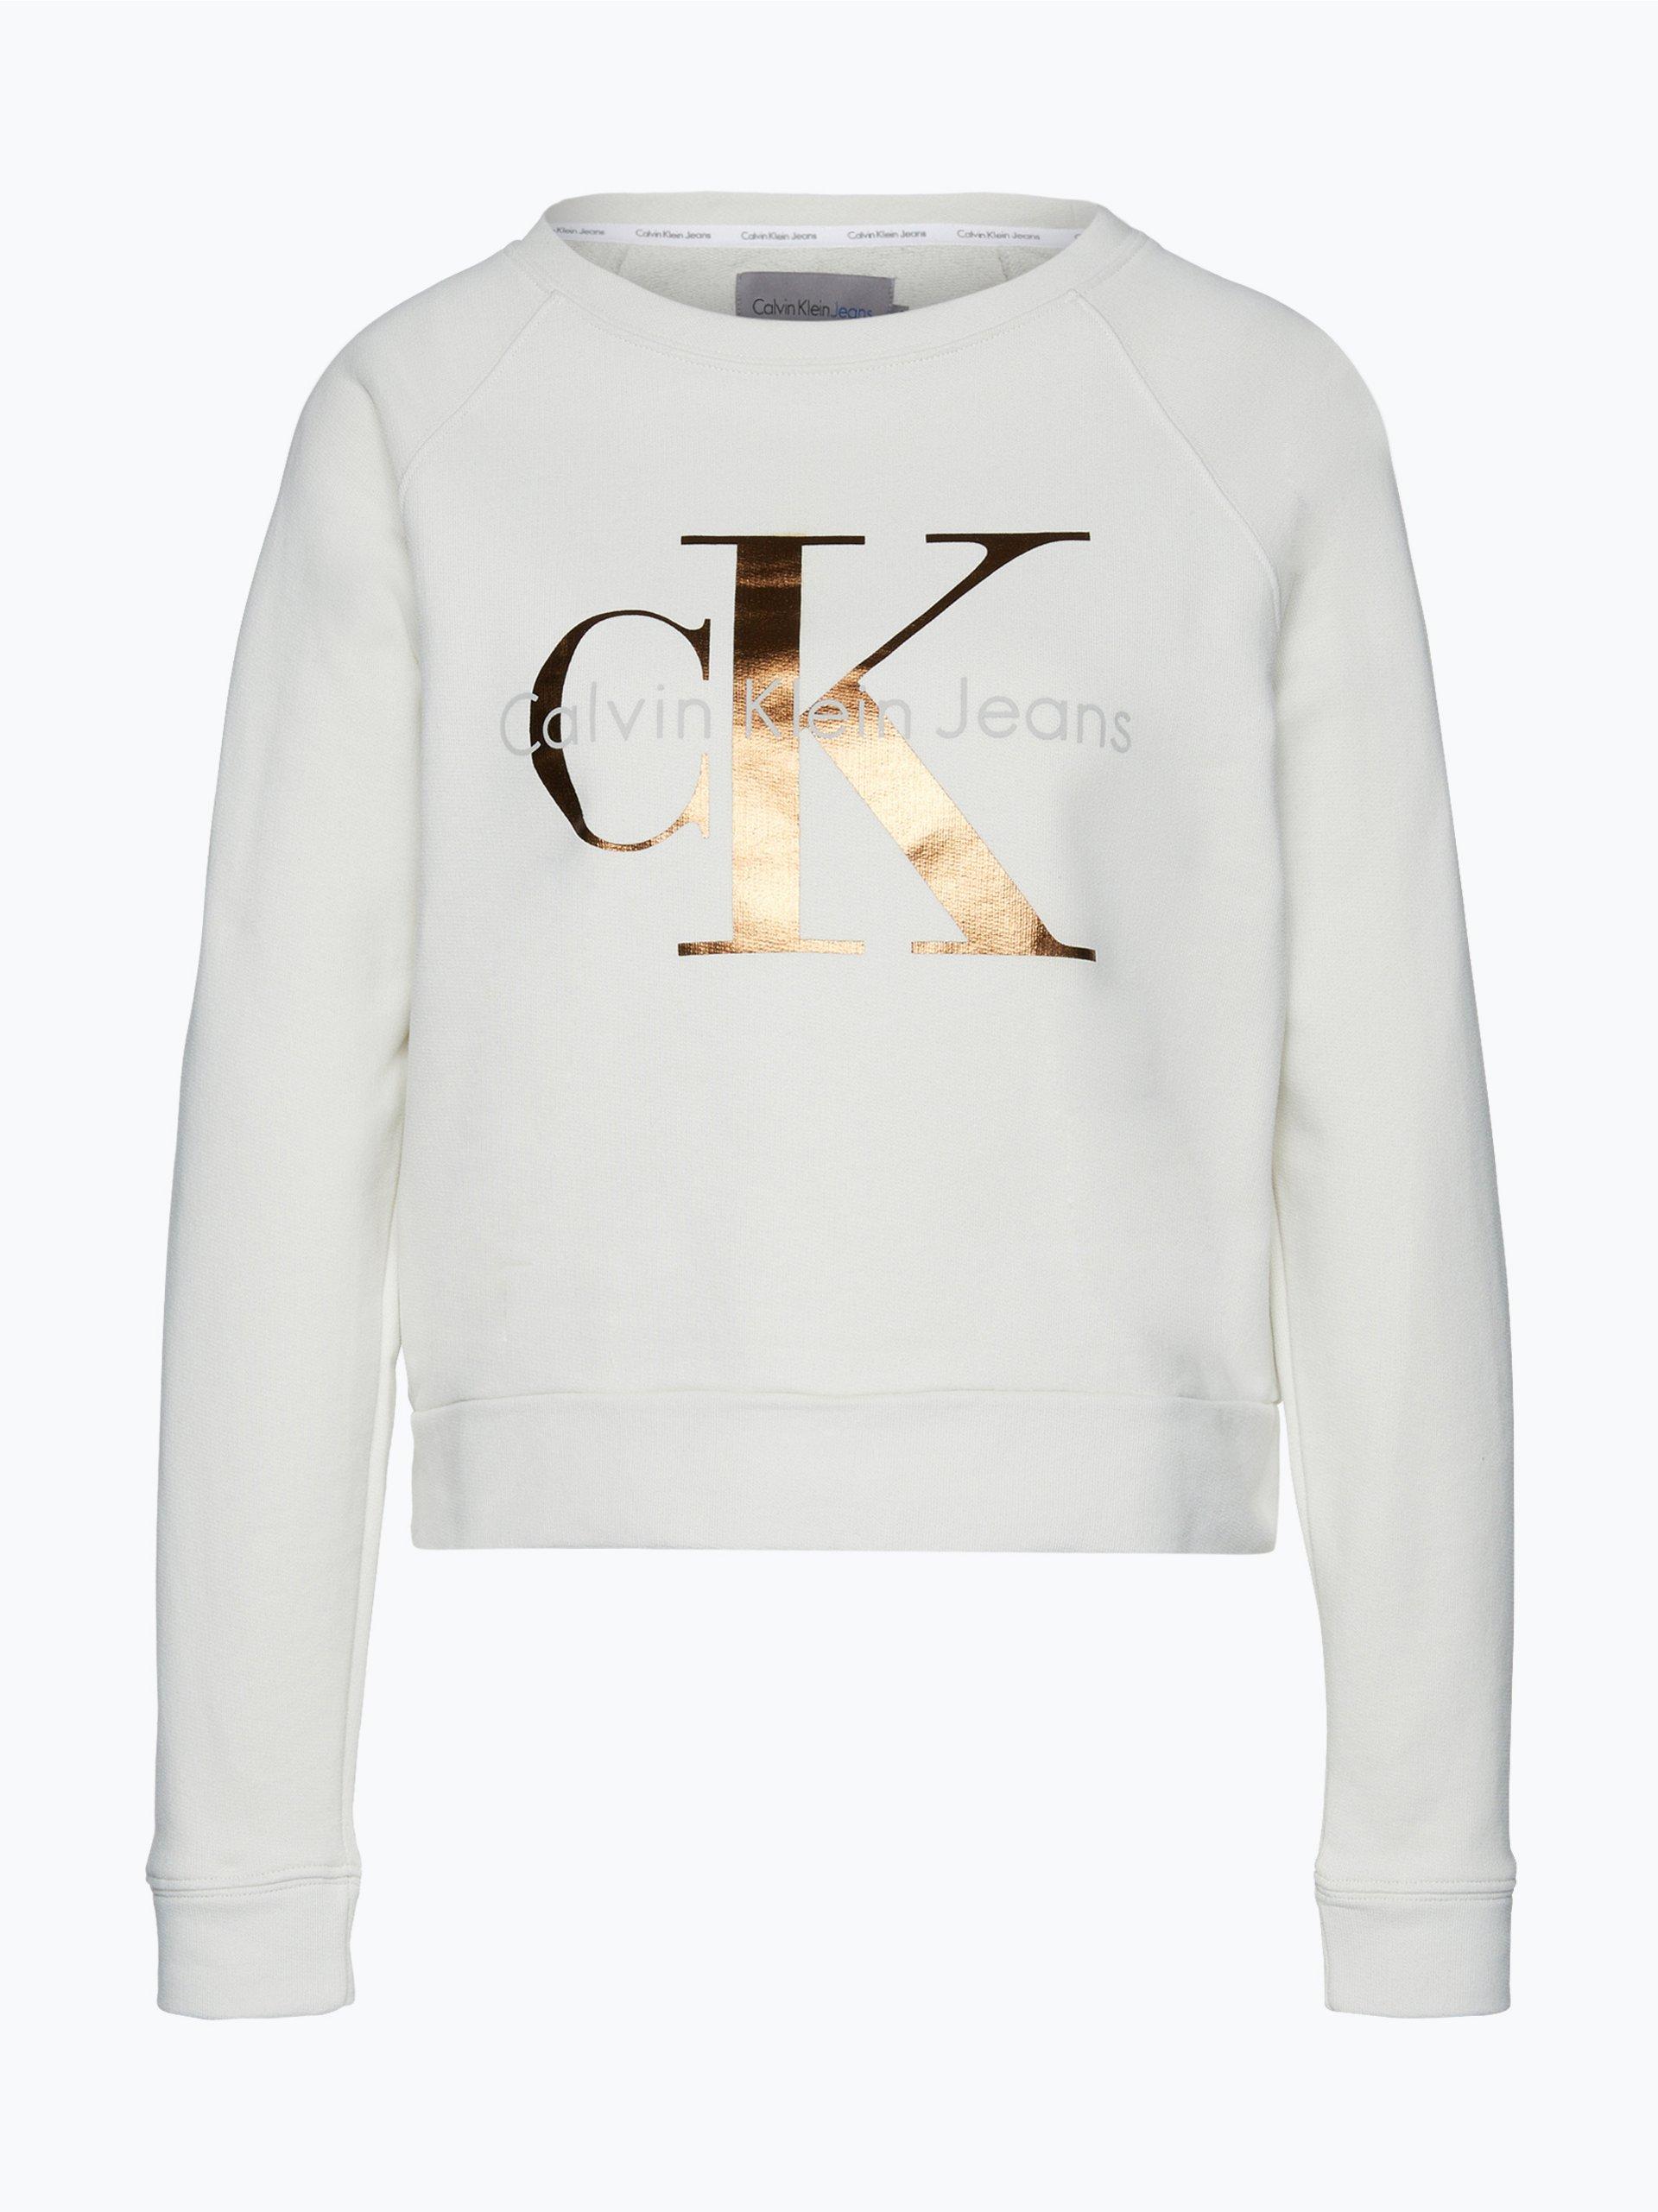 calvin klein jeans damen sweatshirt mehrfarbig uni online kaufen peek und cloppenburg de. Black Bedroom Furniture Sets. Home Design Ideas